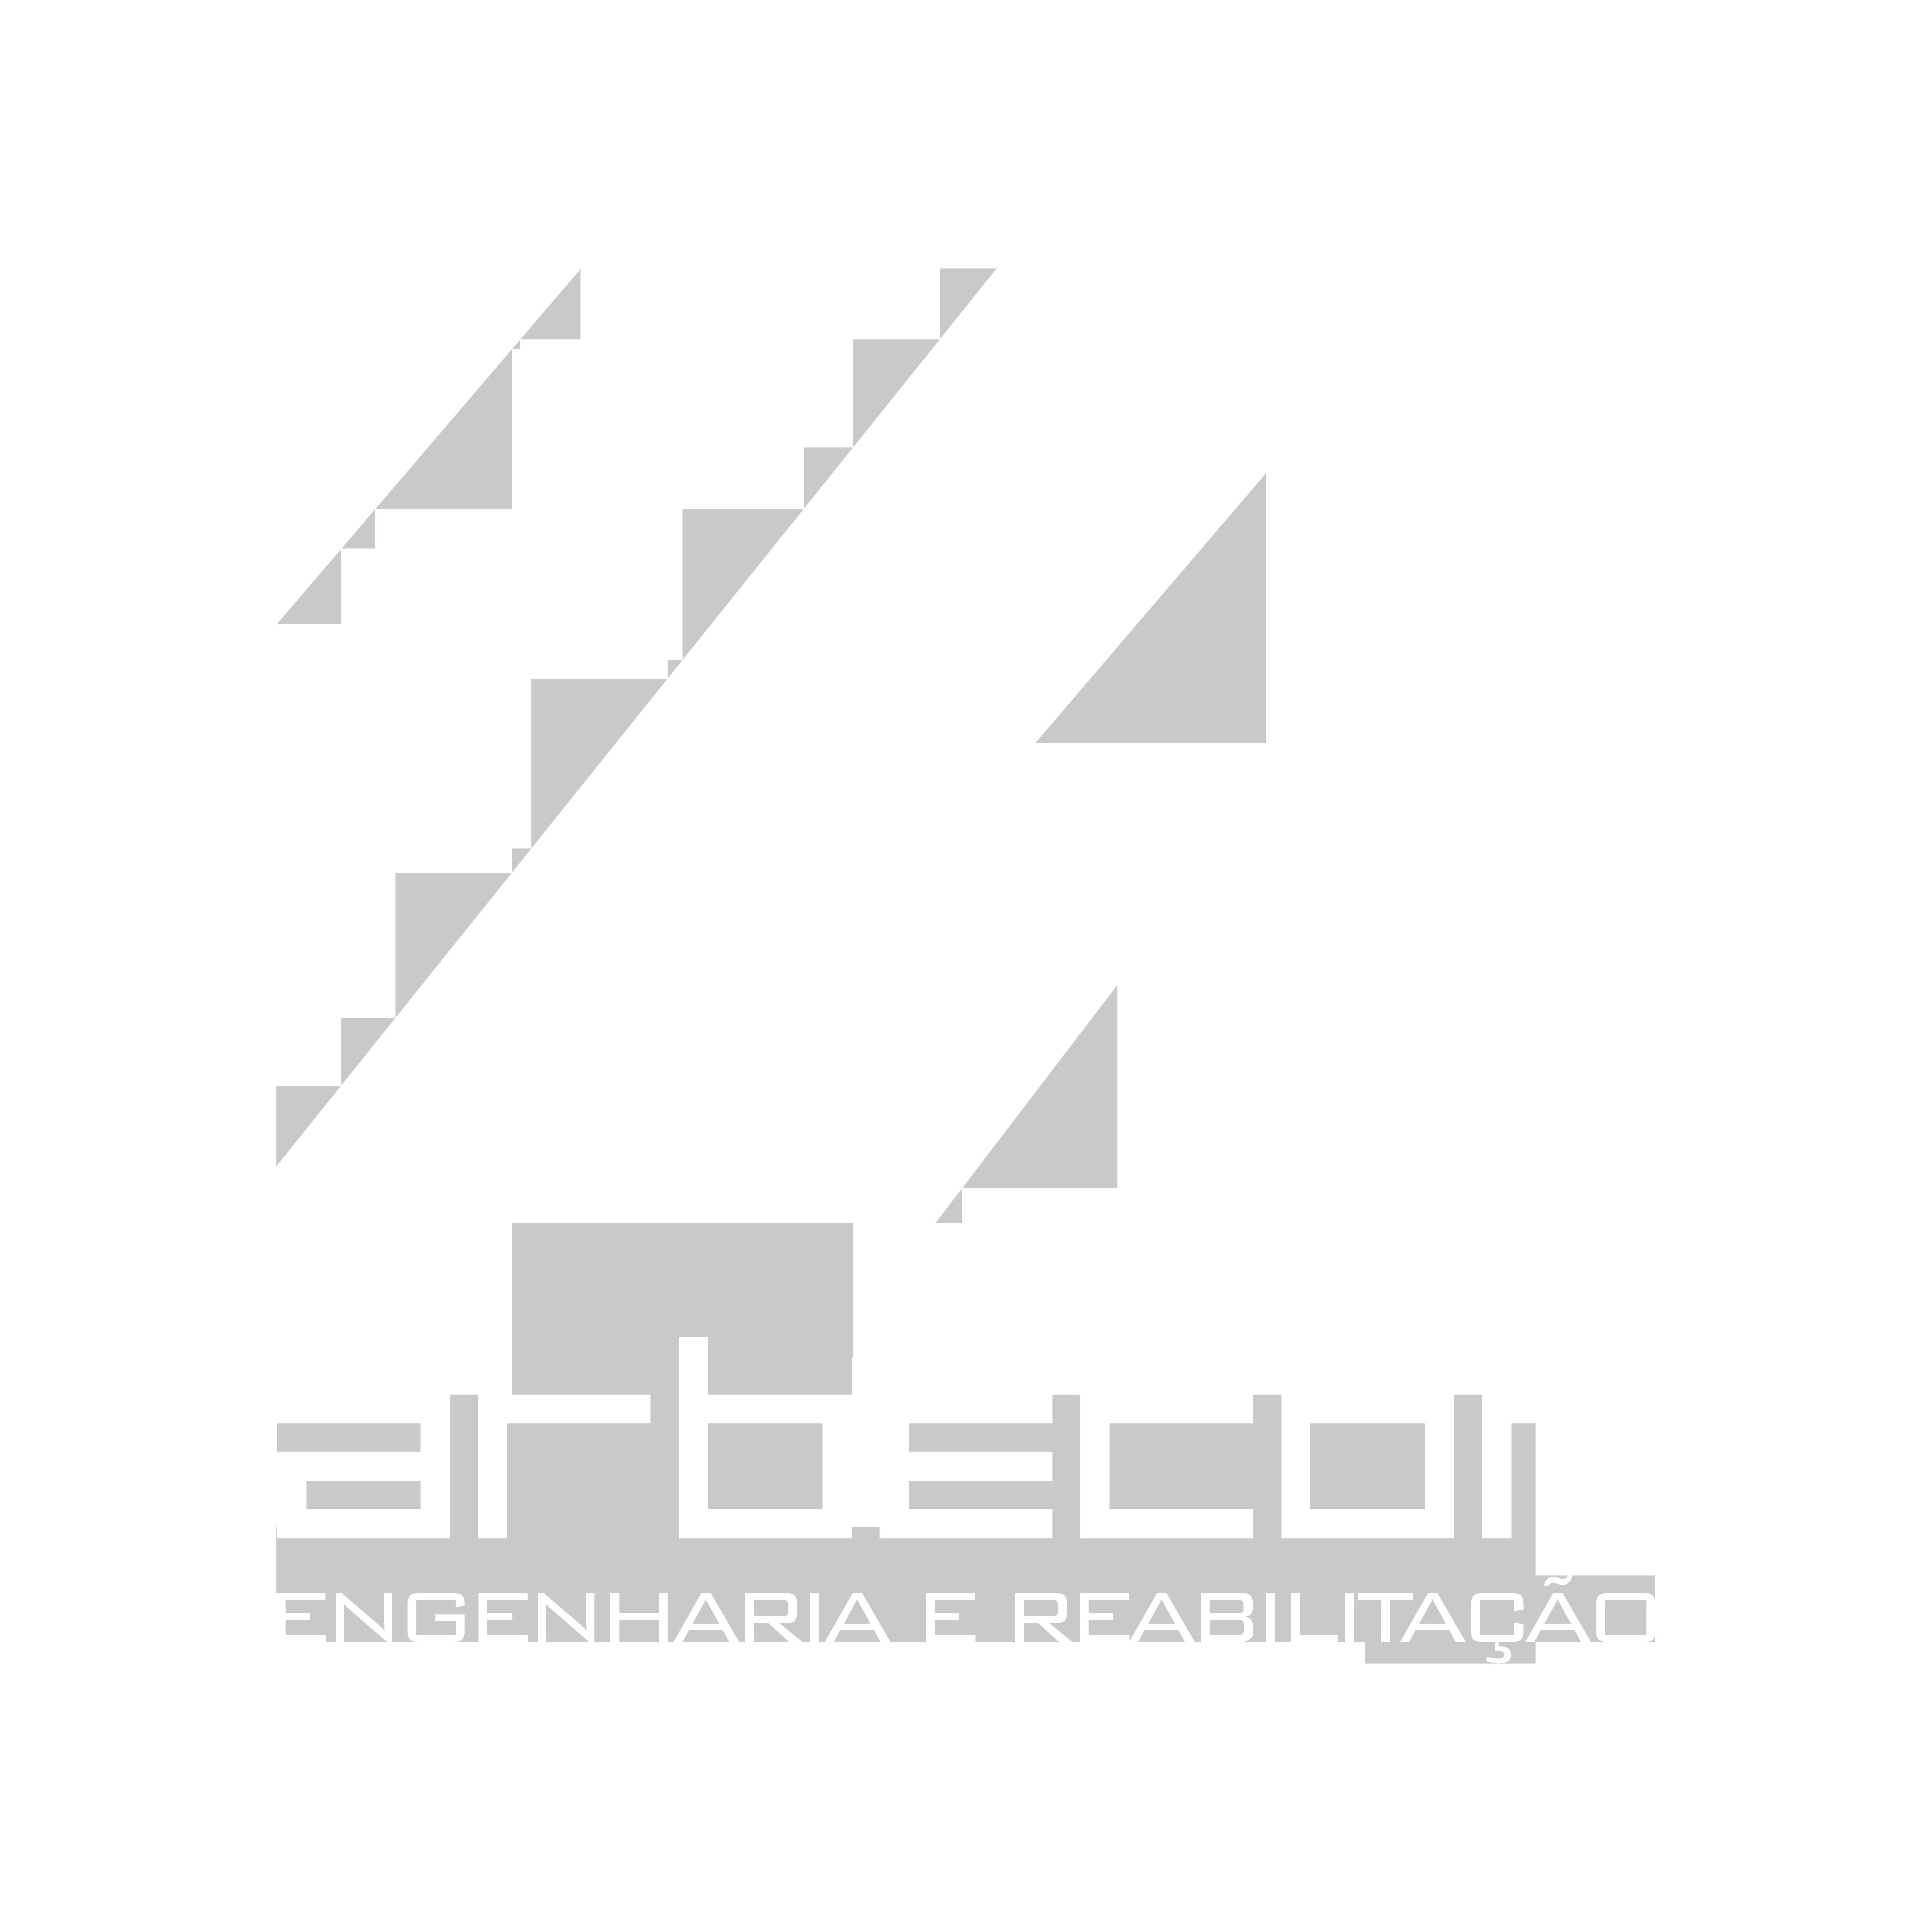 ARBECOR – Engenharia e Reabilitação